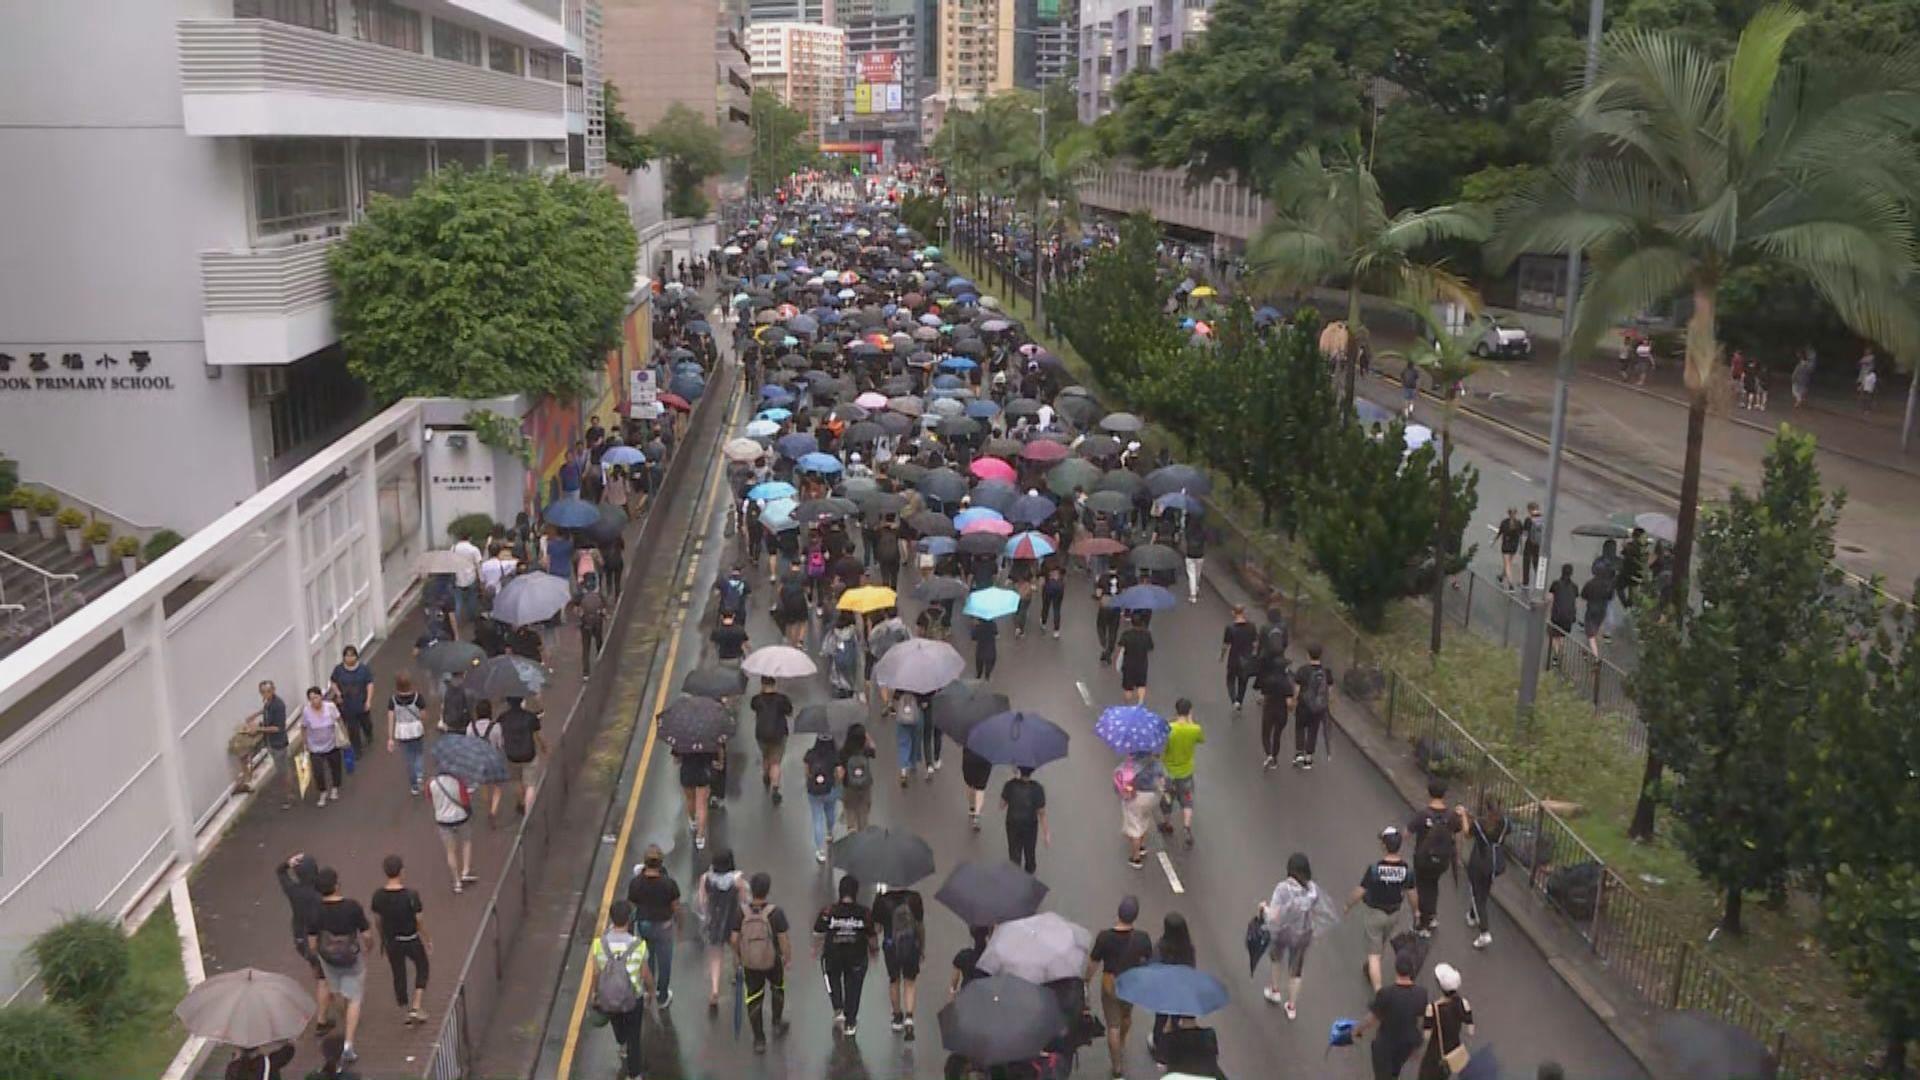 九龍遊行 旺角九龍塘深水埗一帶道路被堵塞